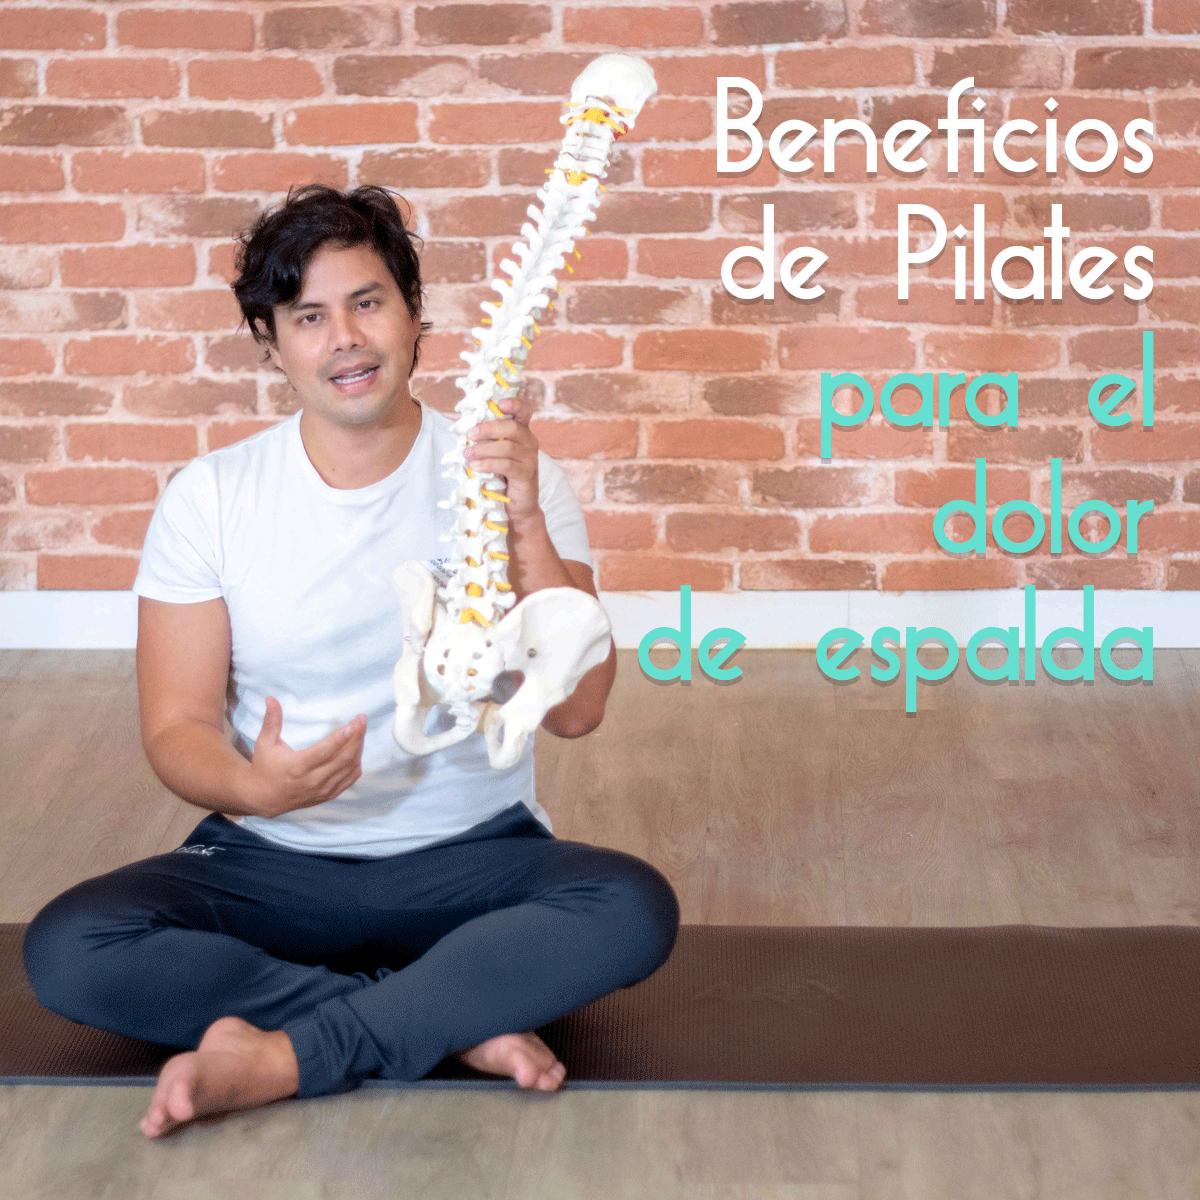 Beneficios de Pilates para el dolor de espalda